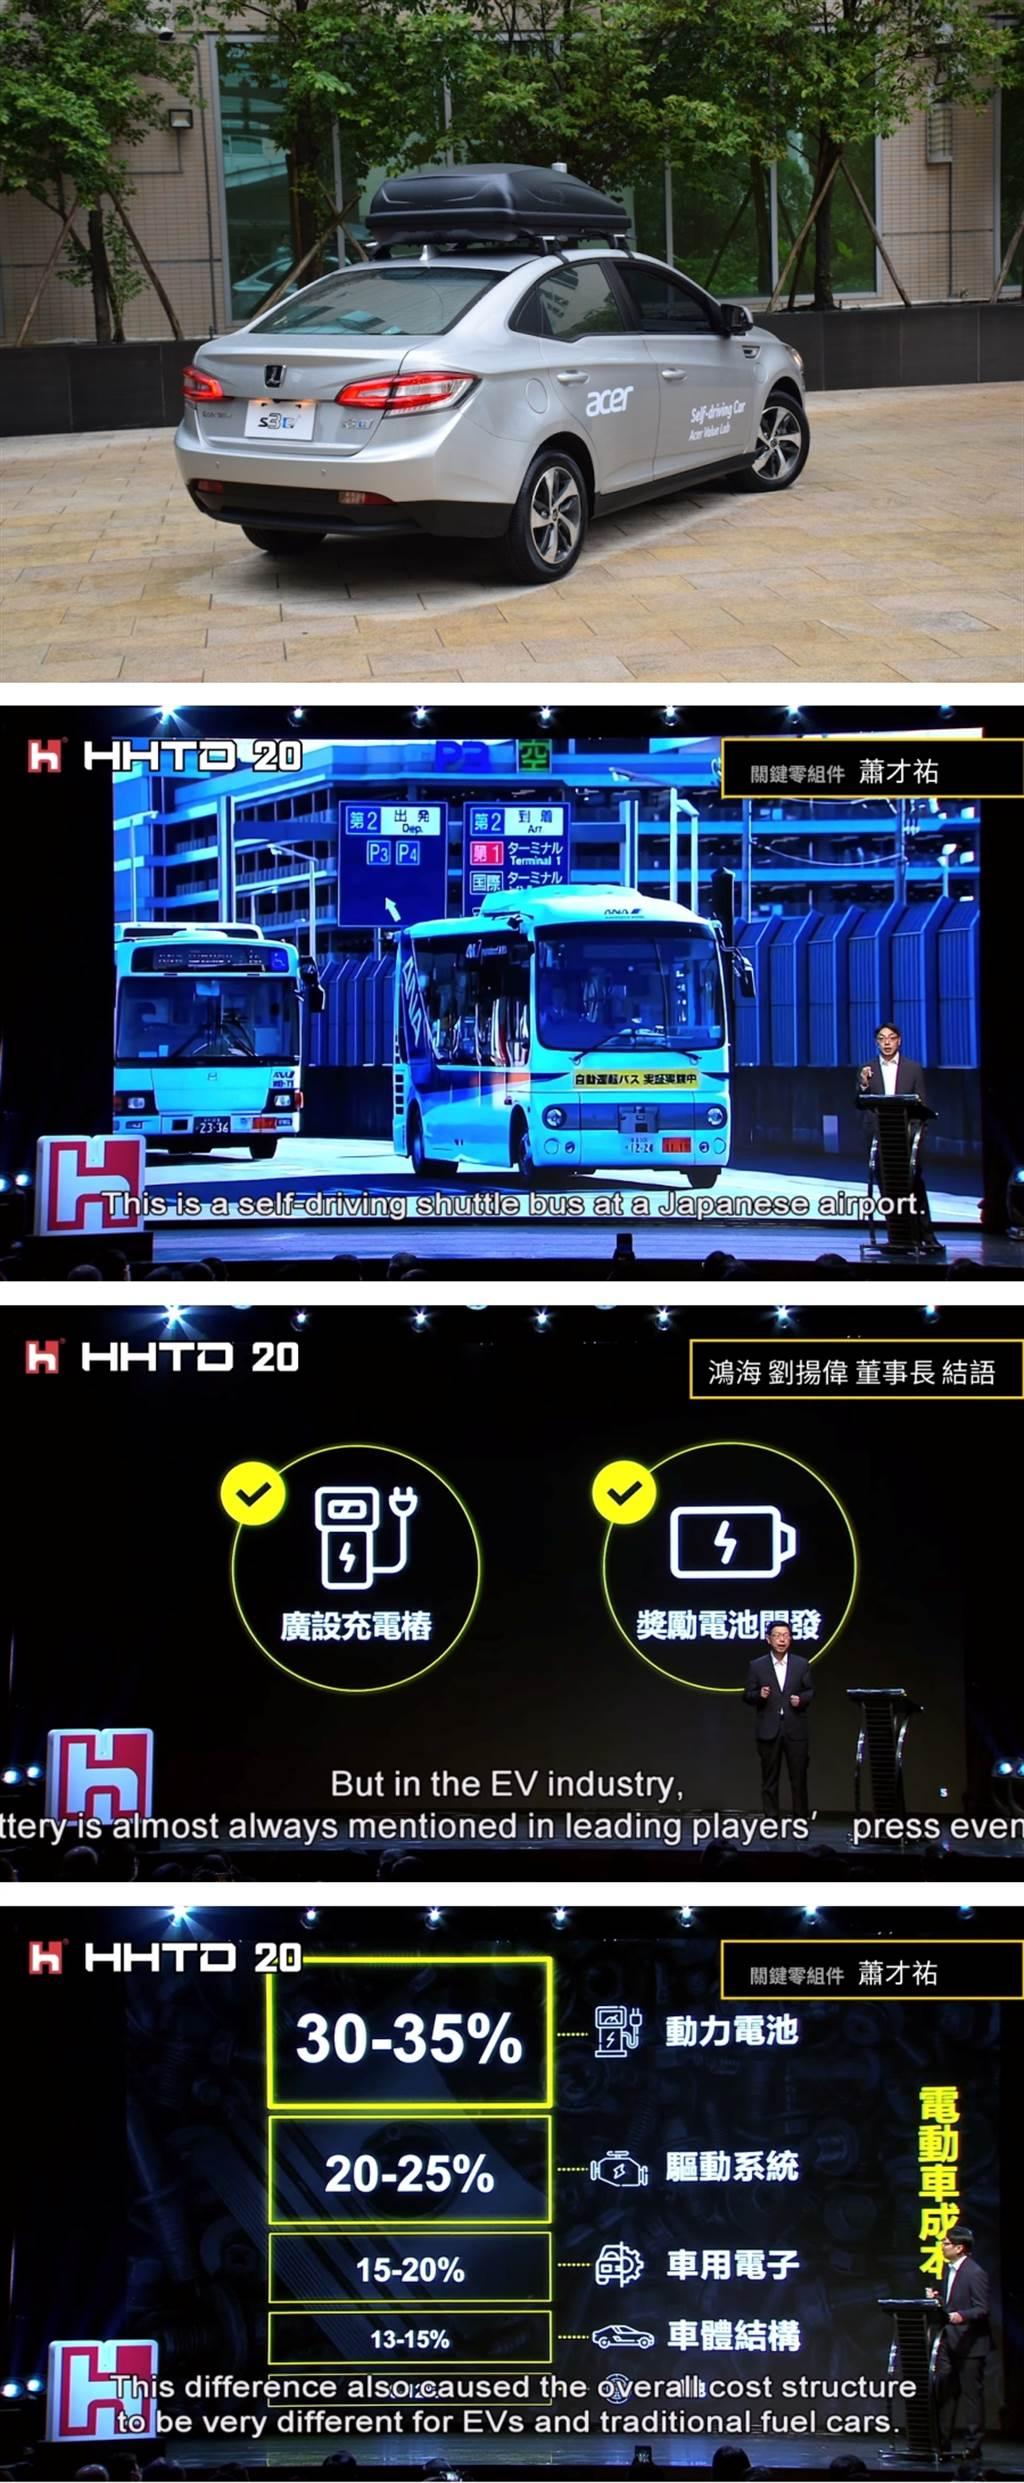 鴻海公布 MIH 開放式電動車架構平台,裕隆集團 Luxgen 品牌的新曙光?